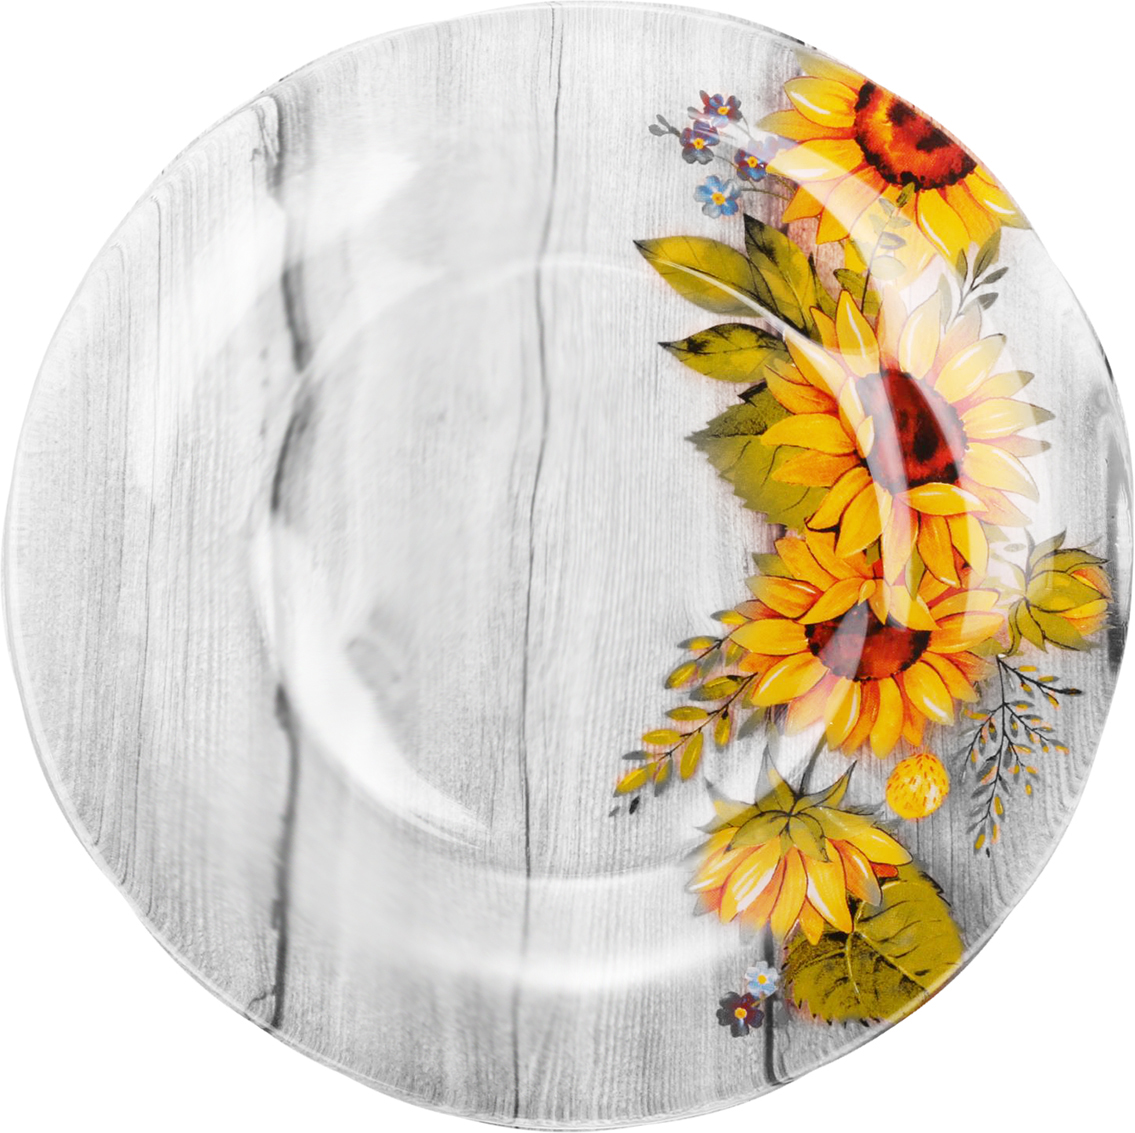 Набор тарелок Sima-land Подсолнухи, диаметр 20 см, 6 шт2293075Красивые тарелки с рисунком дополнят праздничный стол, ведь прозрачное стекло выглядит элегантно и стильно.Предметы можно использовать в микроволновой печи и посудомоечной машине.При бережном обращении изделия будут радовать вас безукоризненным внешним видом долгие годы.